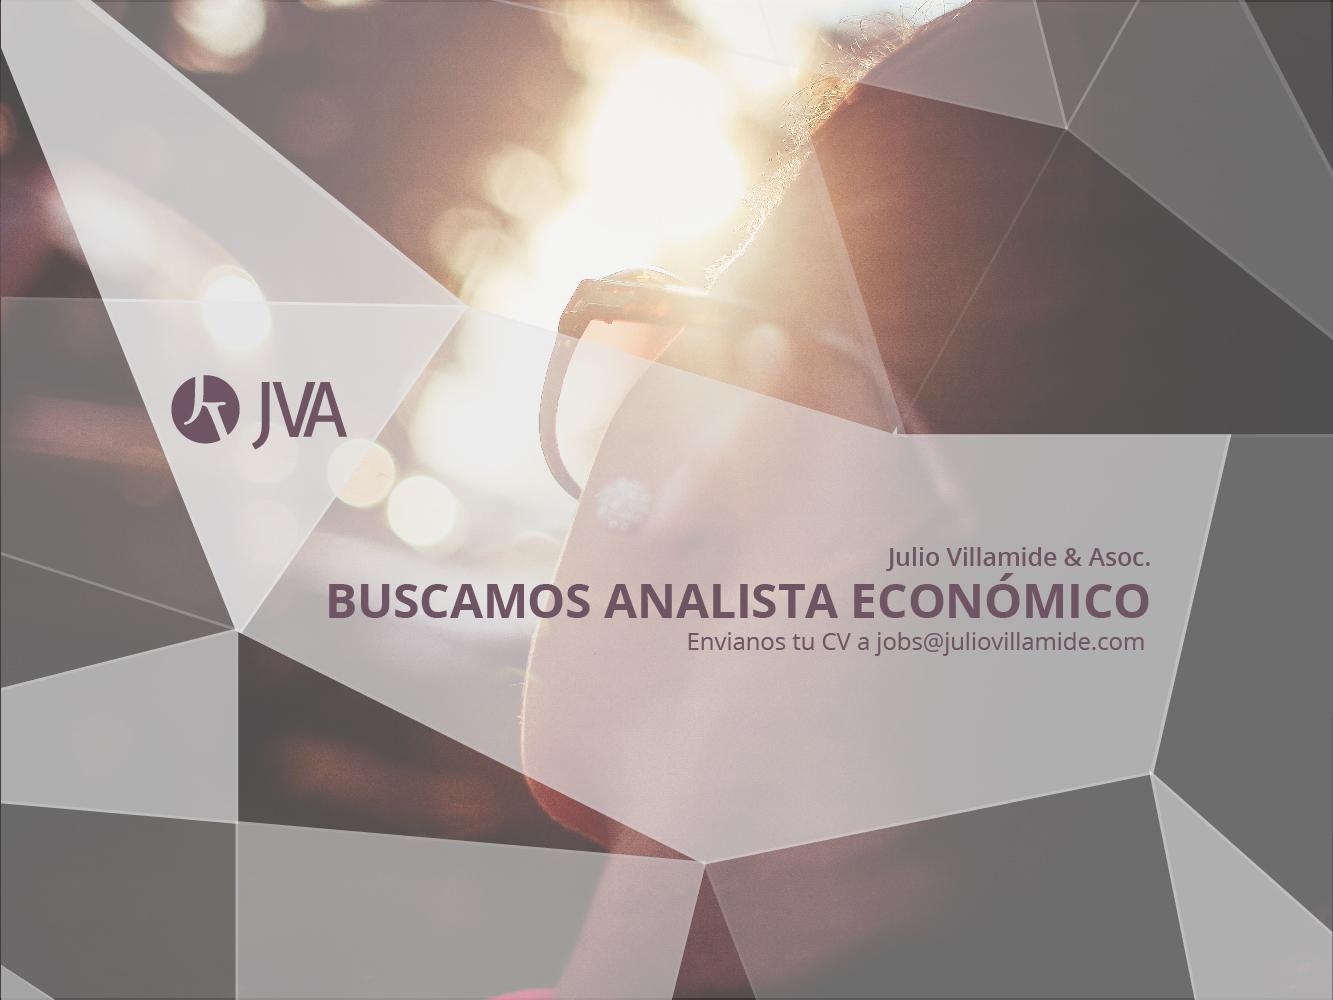 20180705_FB_AvisoEconomista_final.jpg